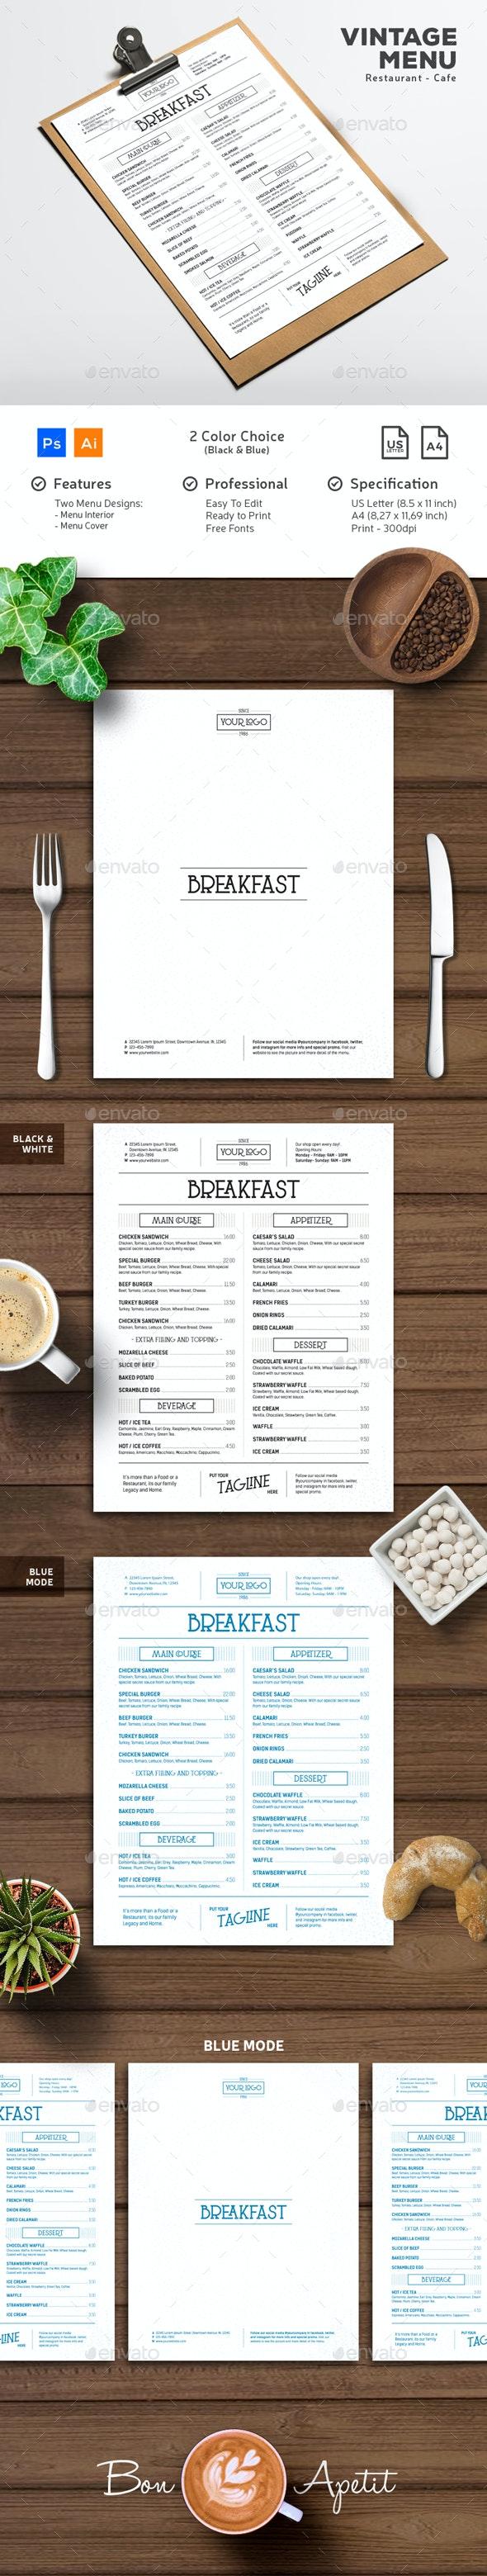 Menu Vintage Typography - Food Menus Print Templates